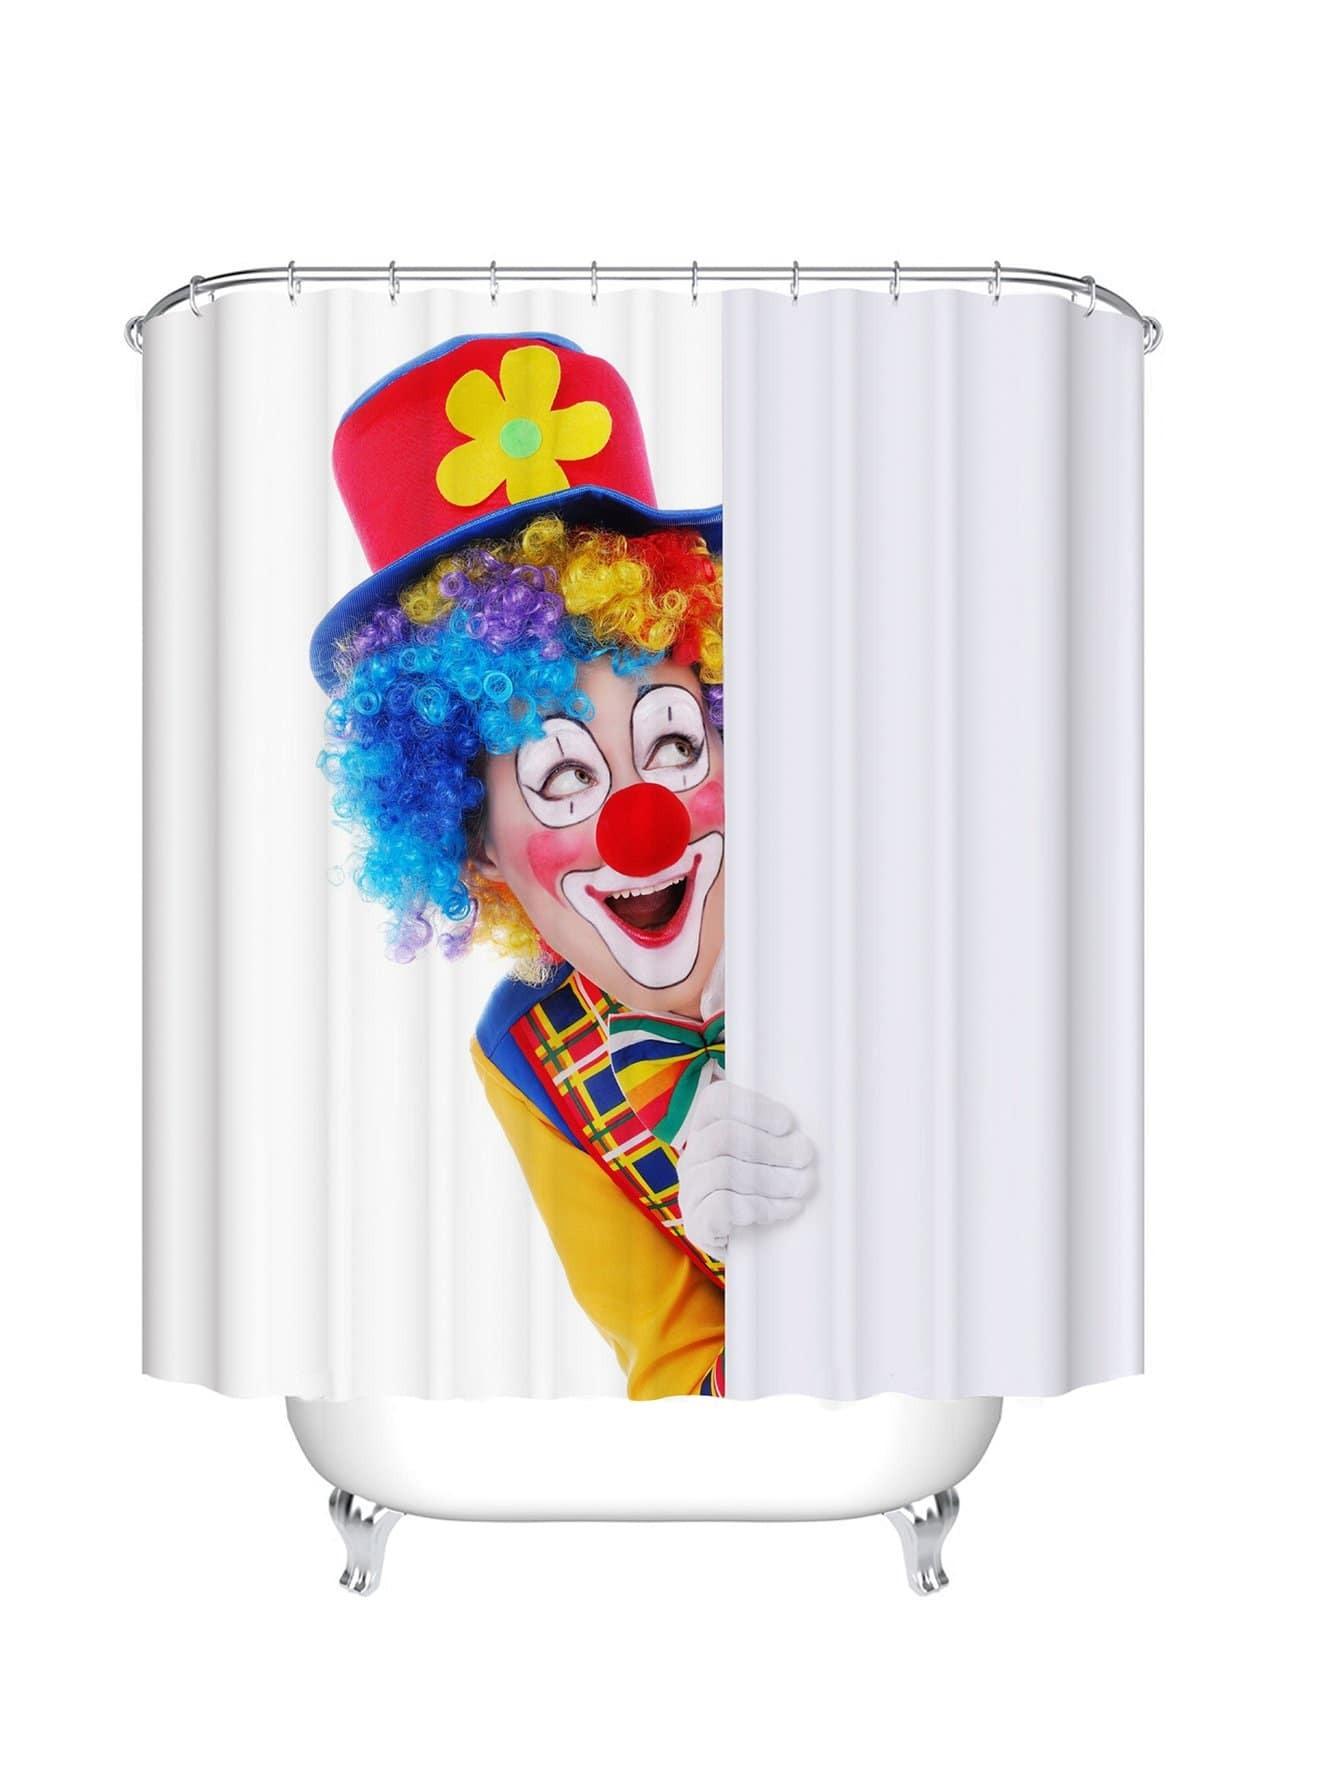 Duschvorhang mit Clownmuster 12pcs Haken